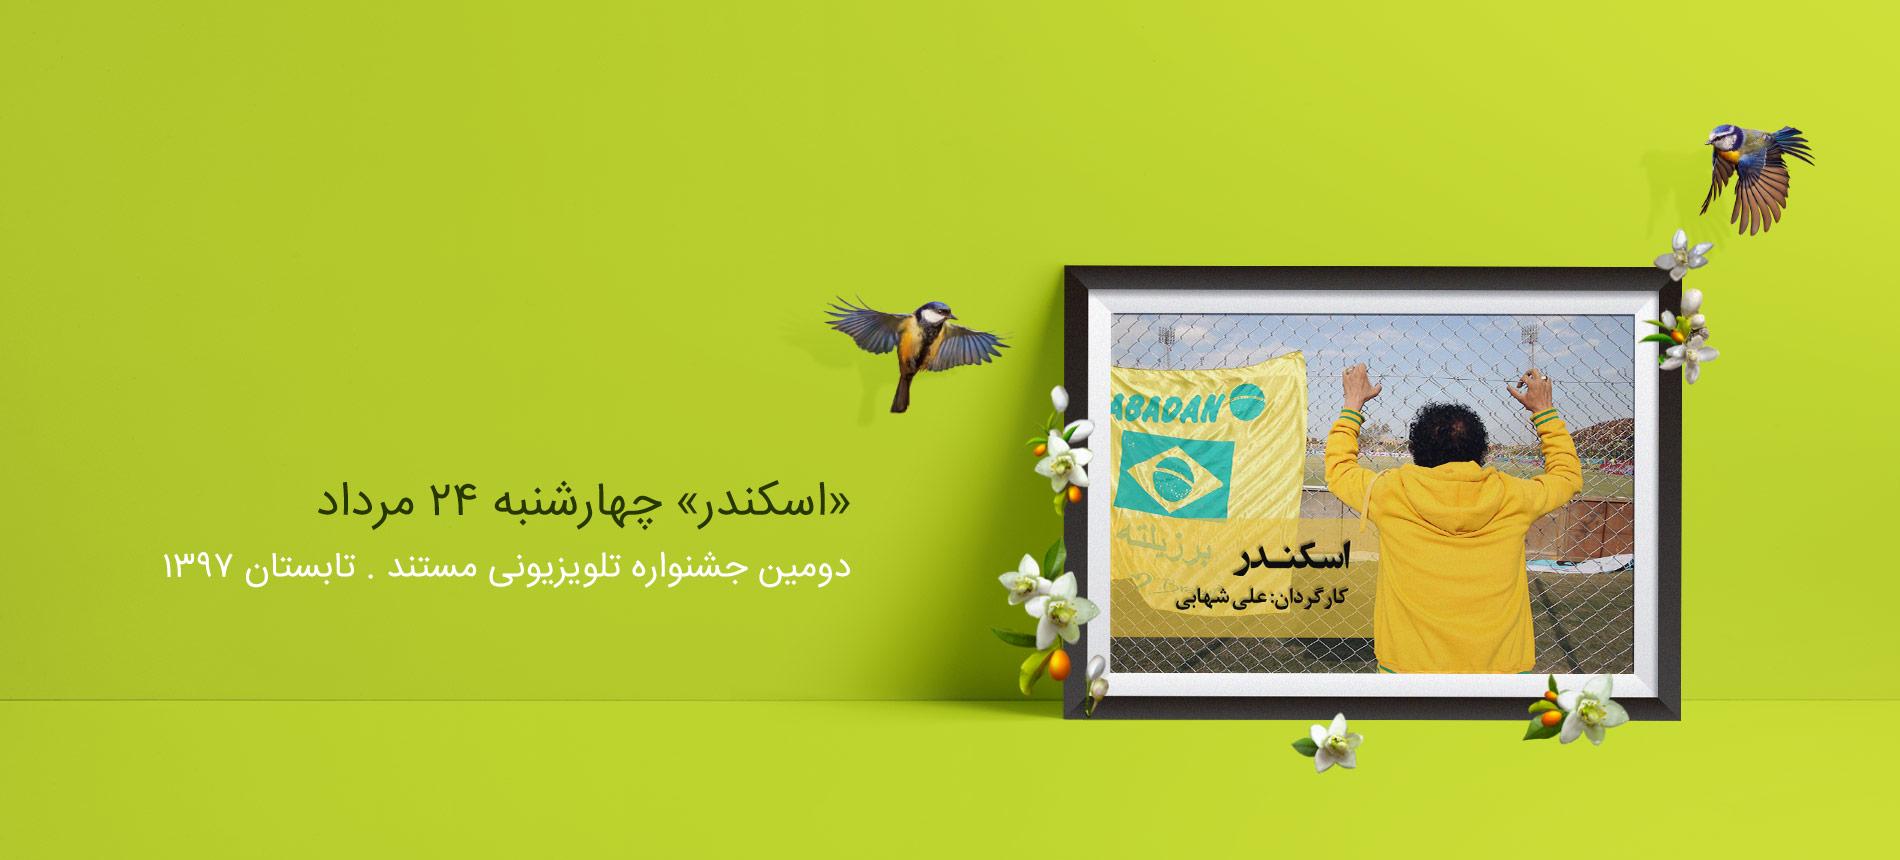 داستانی از این مستطیل سبز دوست داشتنی در «اسکندر» به روایت «علی شهابی»